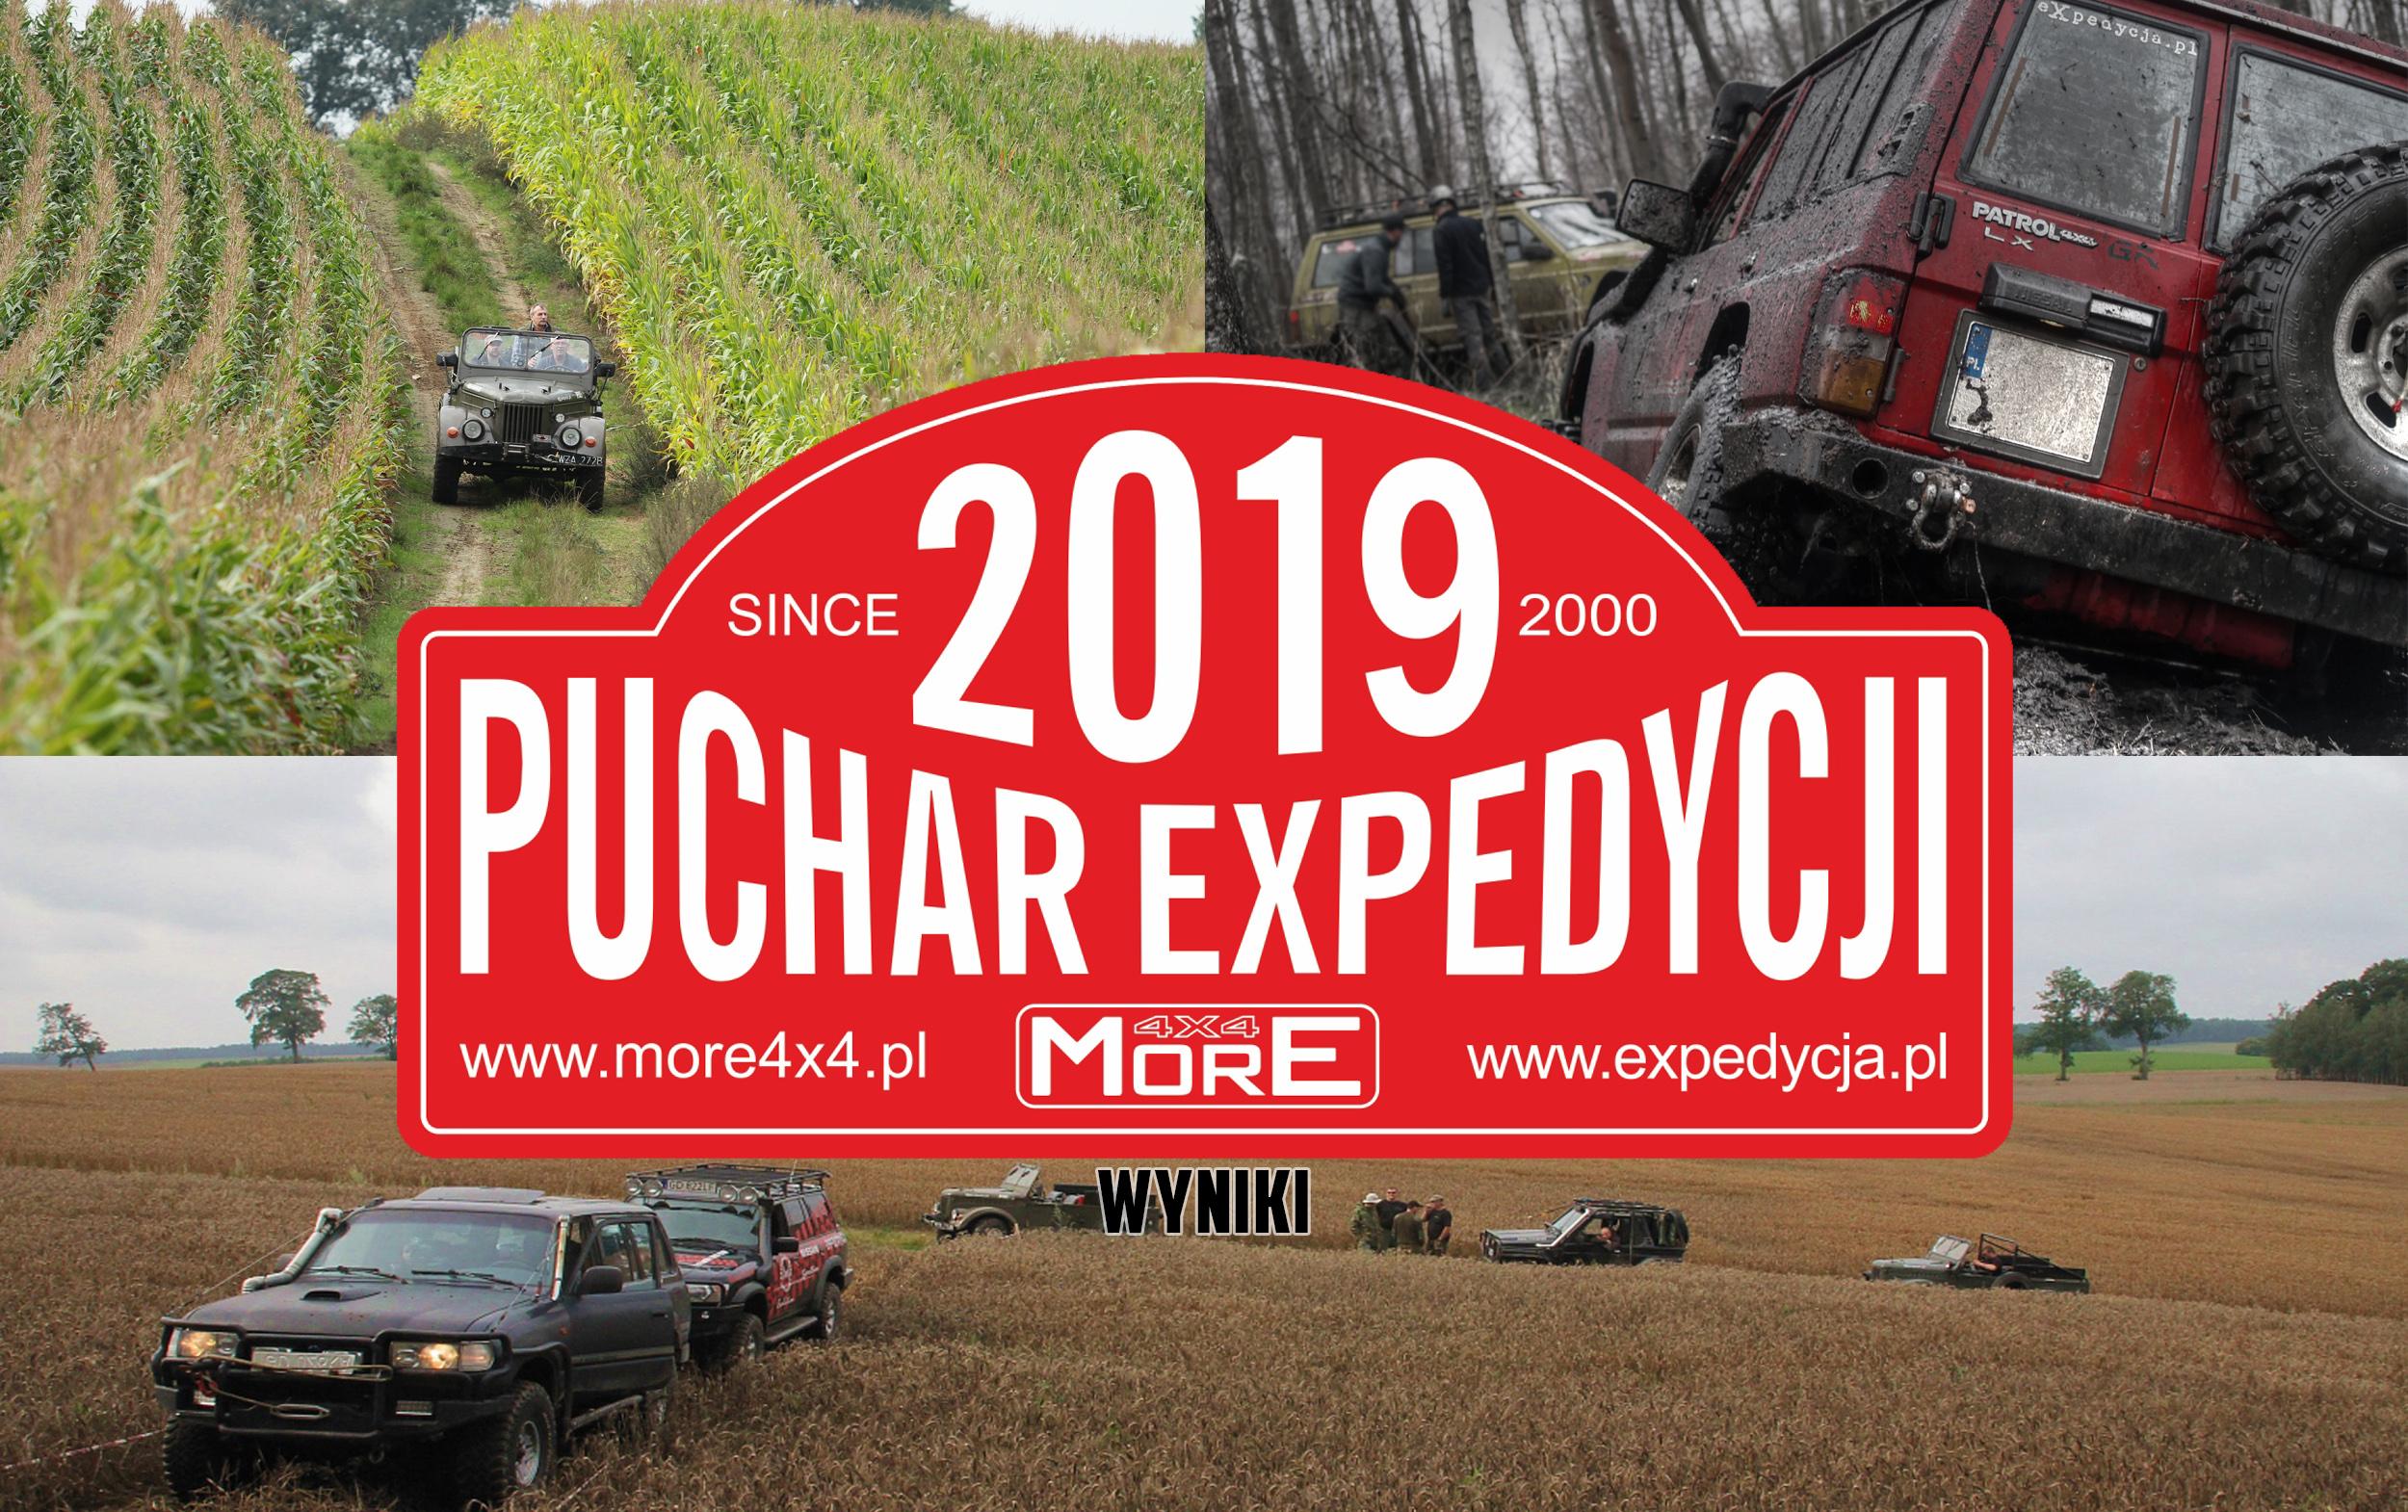 Xxxix Expedycja Kaszubia Druga Runda Pucharu Expedycji 2019 08.06.19 Galeria Foto